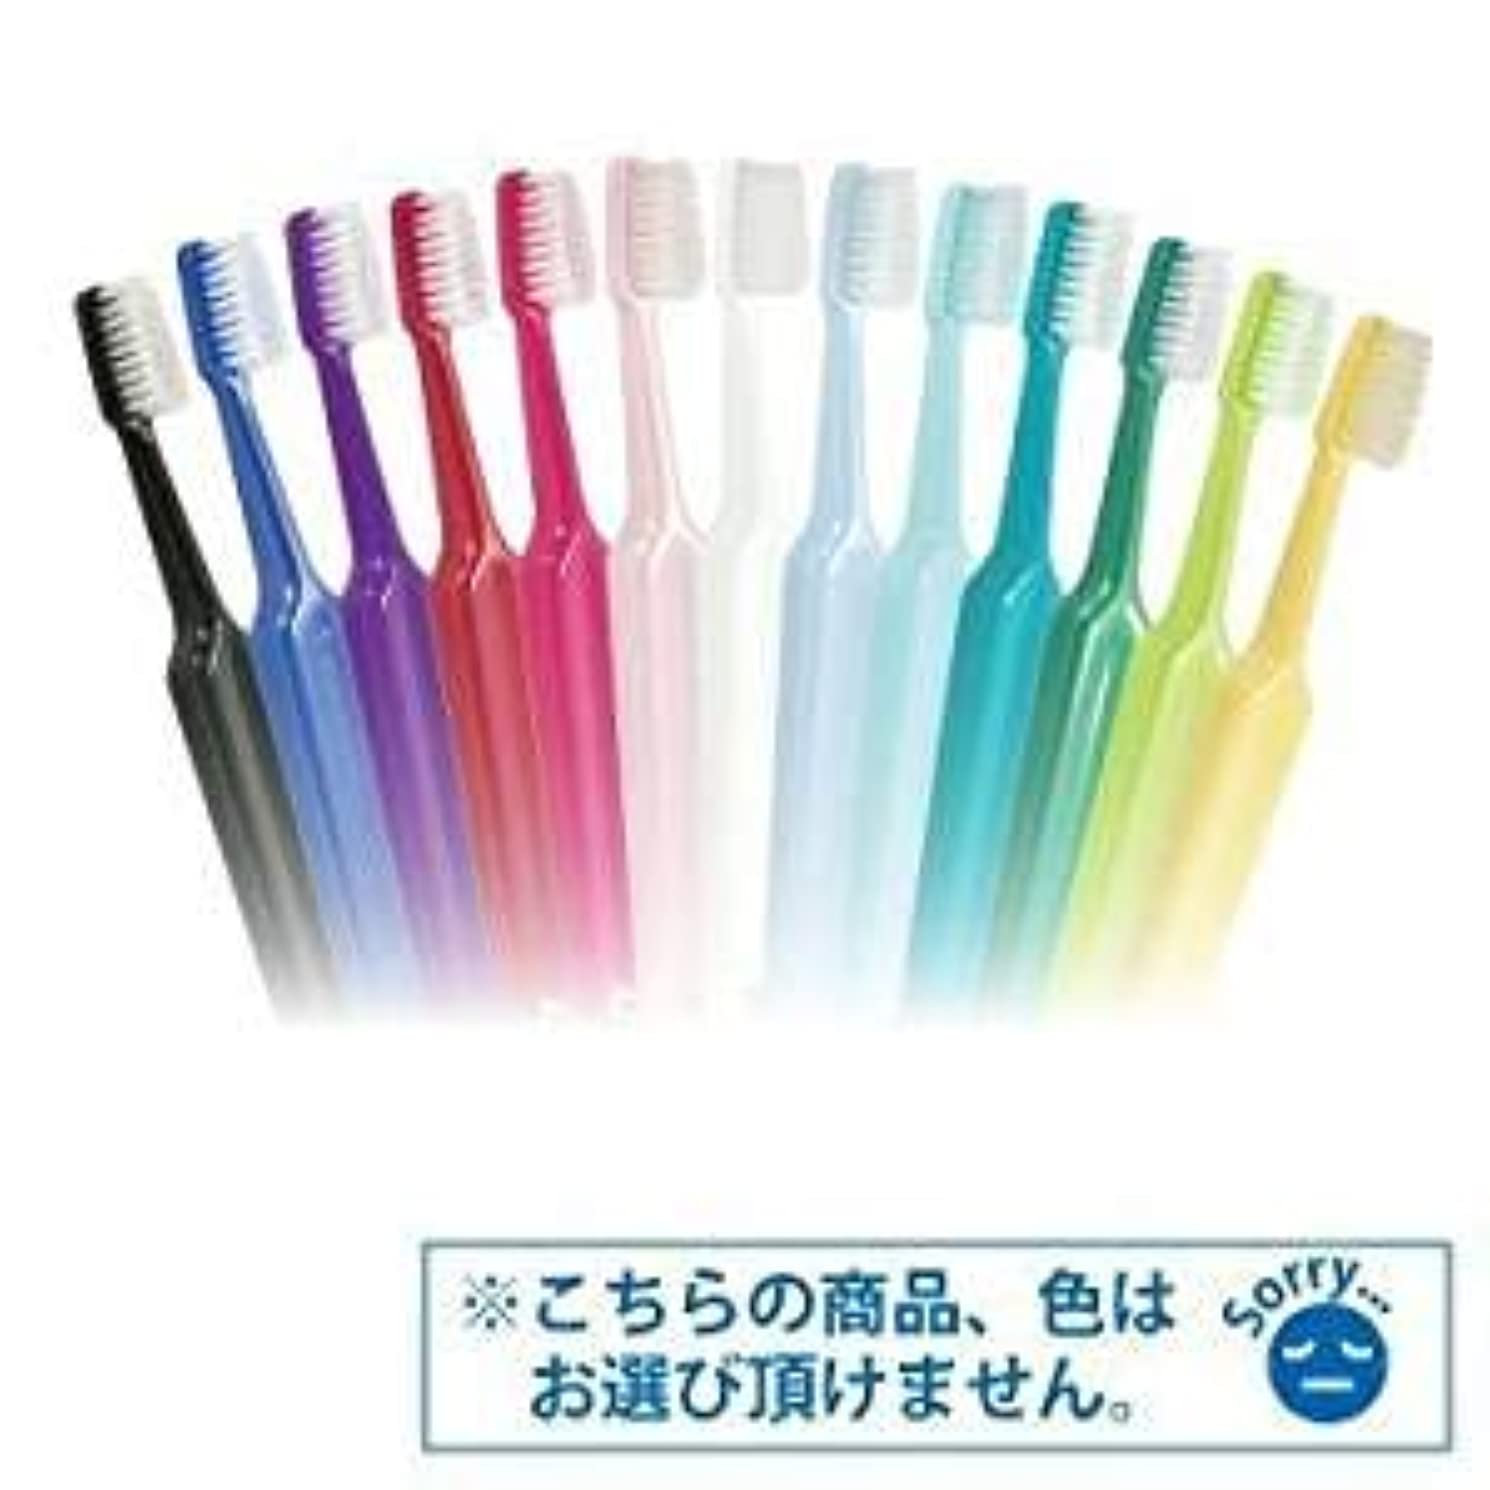 立法欲望直感Tepe歯ブラシ セレクトコンパクト /ミディアム 10本入り